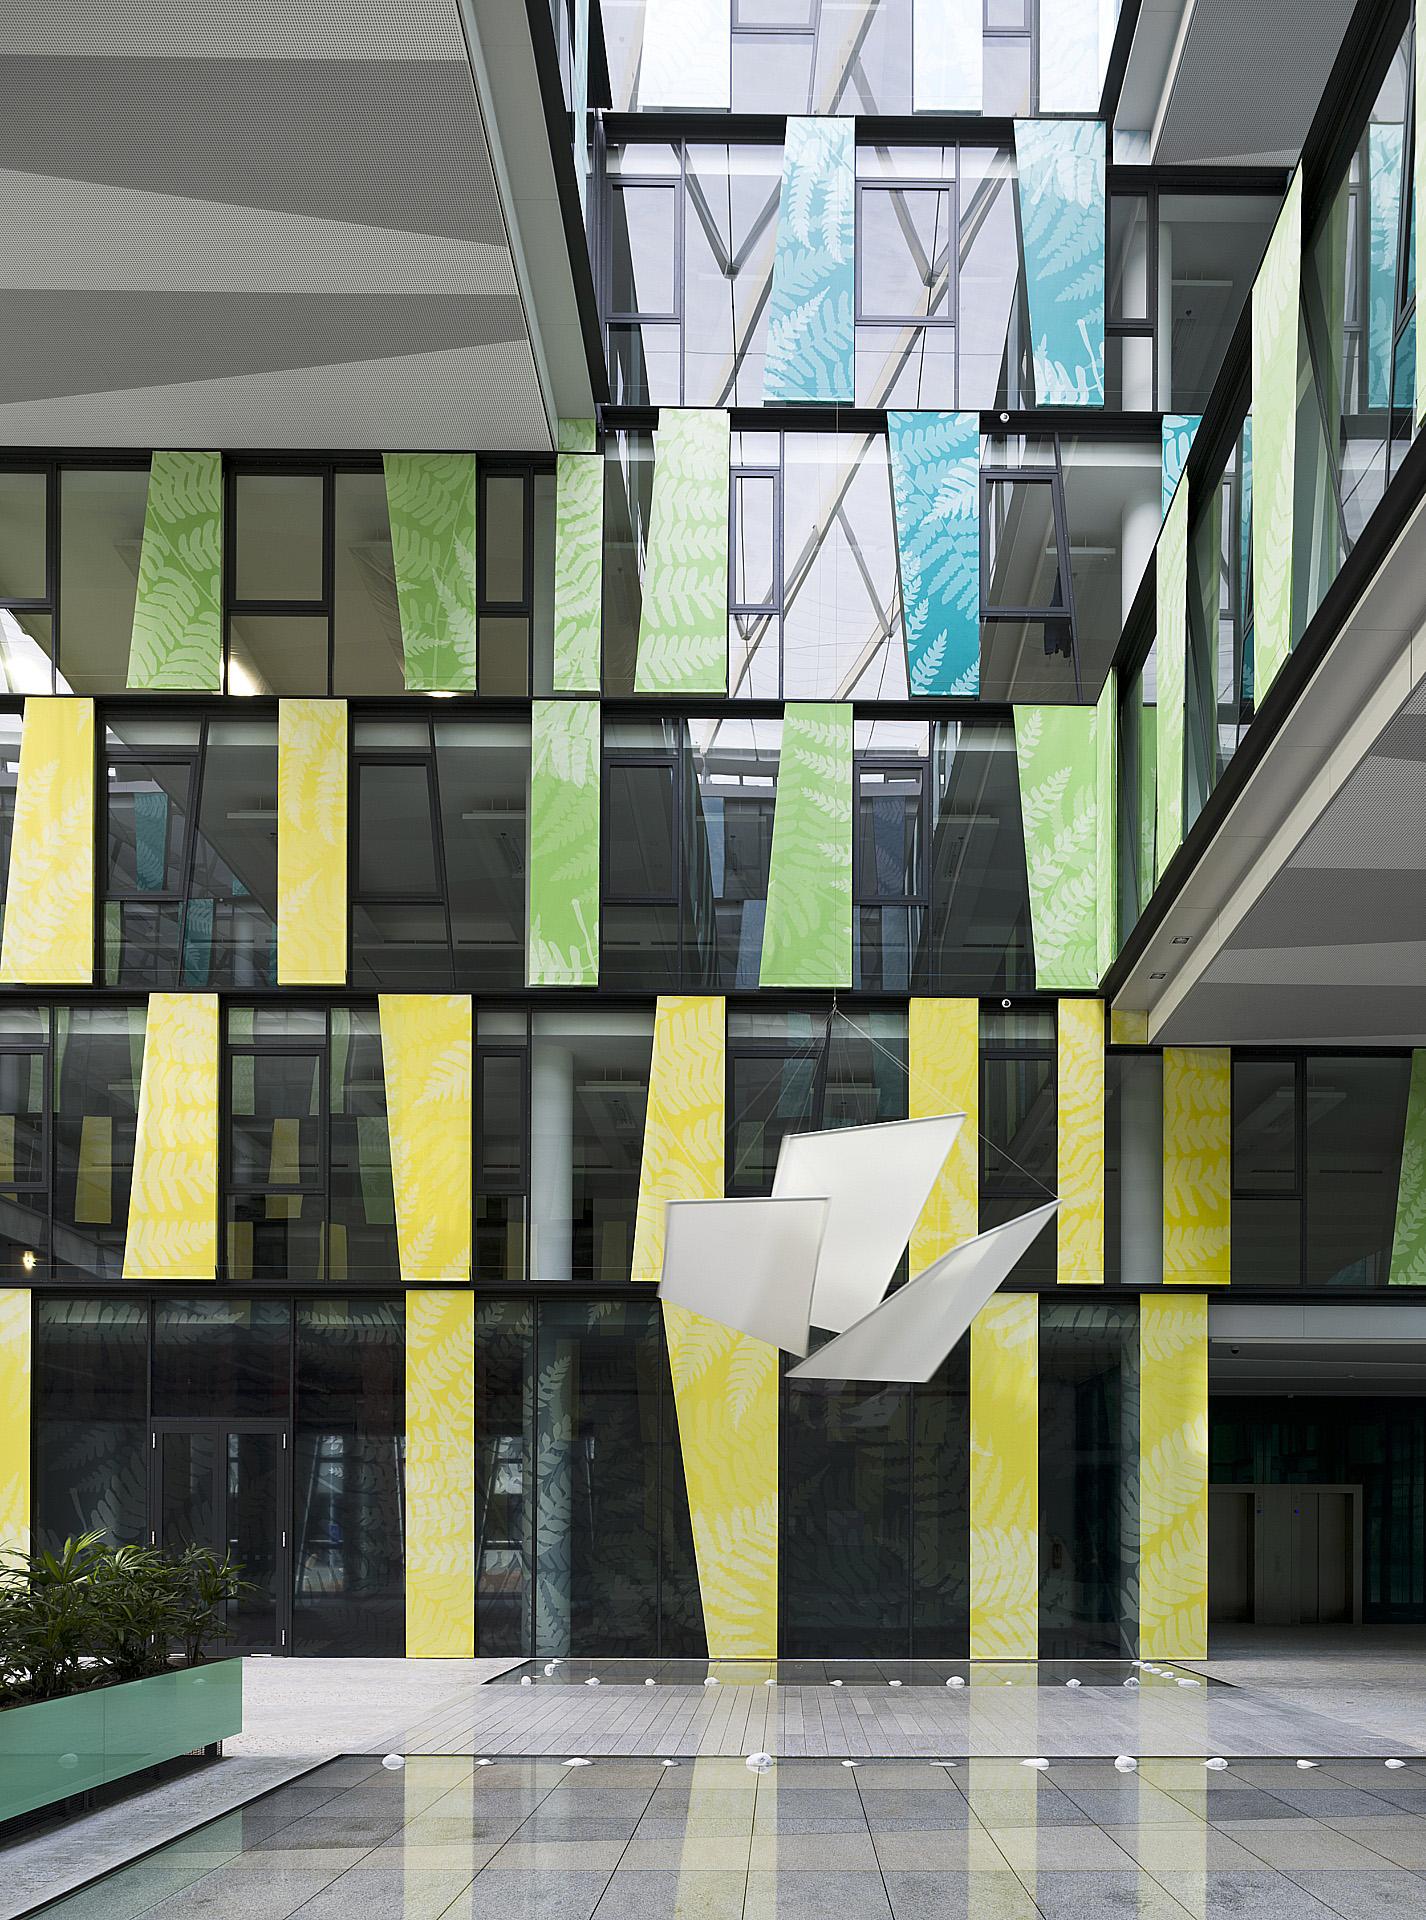 #Anne marie ploug #Amazone Court #Schmidt Hammer Lassen Architects.2.jpg